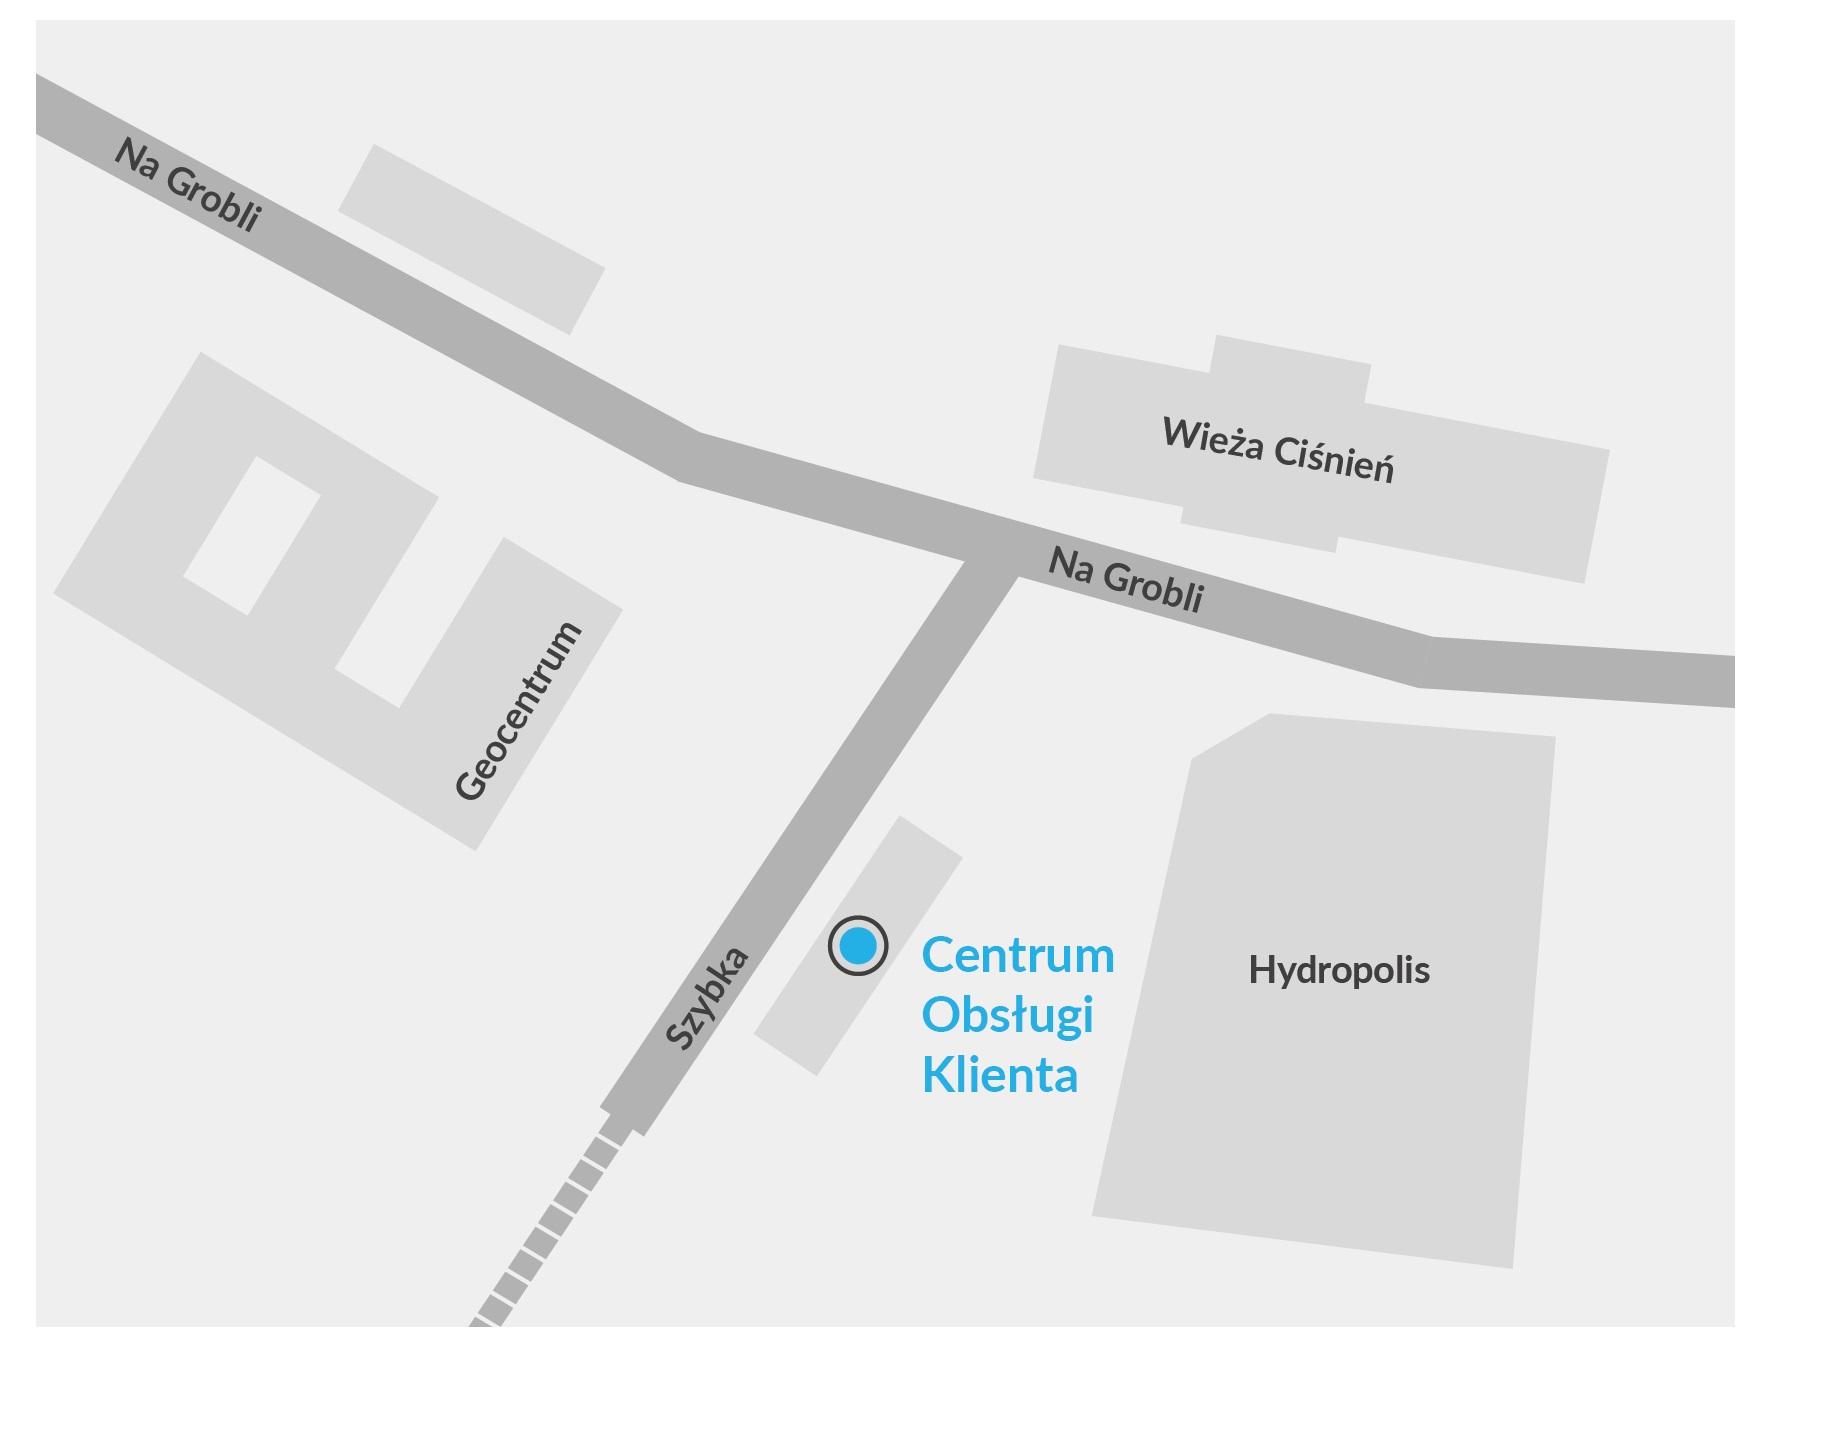 Mapa pokazująca położenie budynku Centrum Obsługi Klienta względem wieży ciśnień, Hydropolis oraz Geocentrum